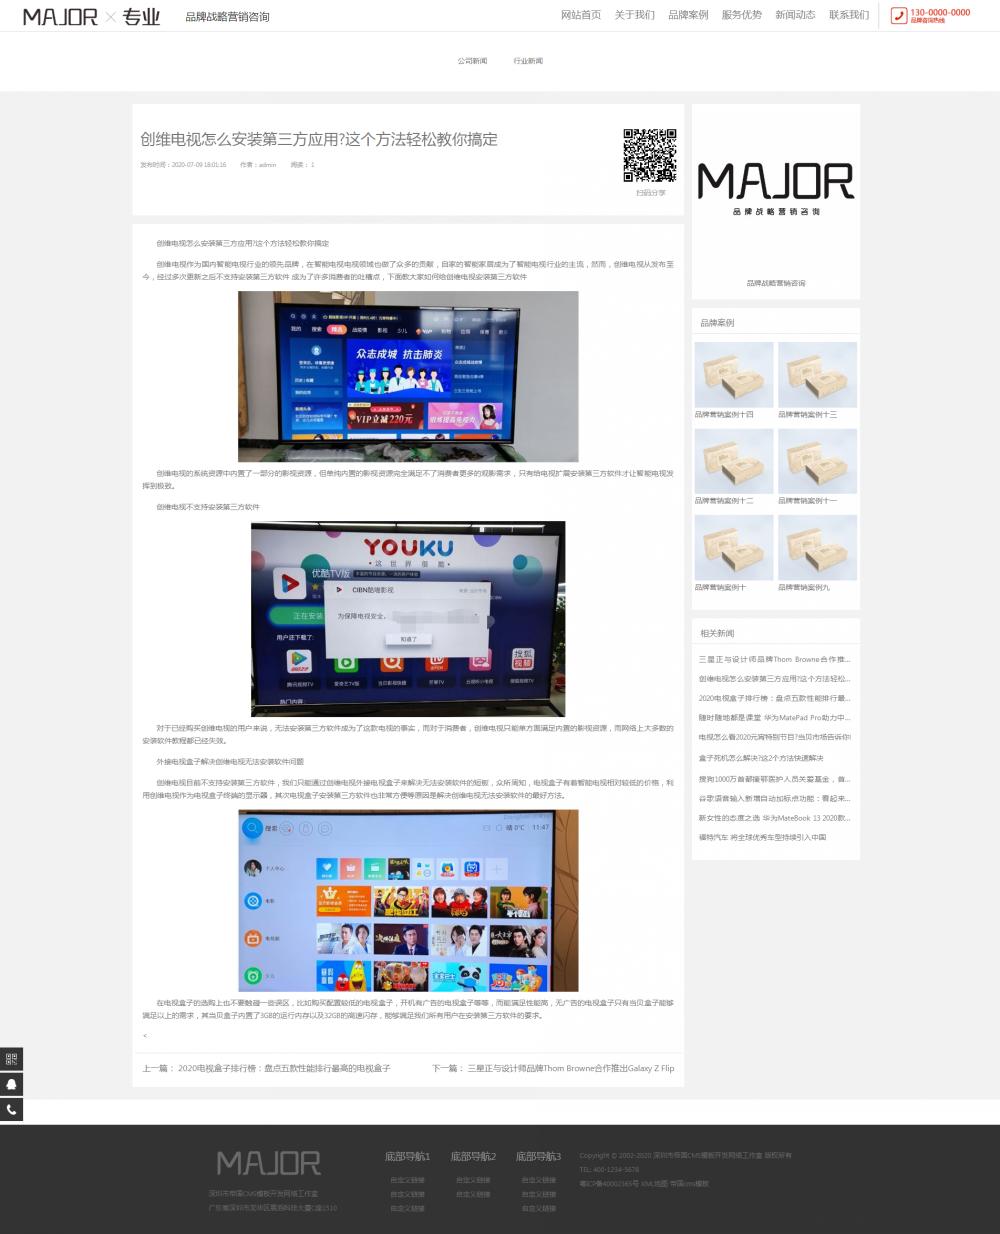 8新闻动态内容页.png [DG-116]响应式品牌战略营销设计帝国mcs模板 HTML5品牌策划设计类帝国网站源码 企业模板 第8张